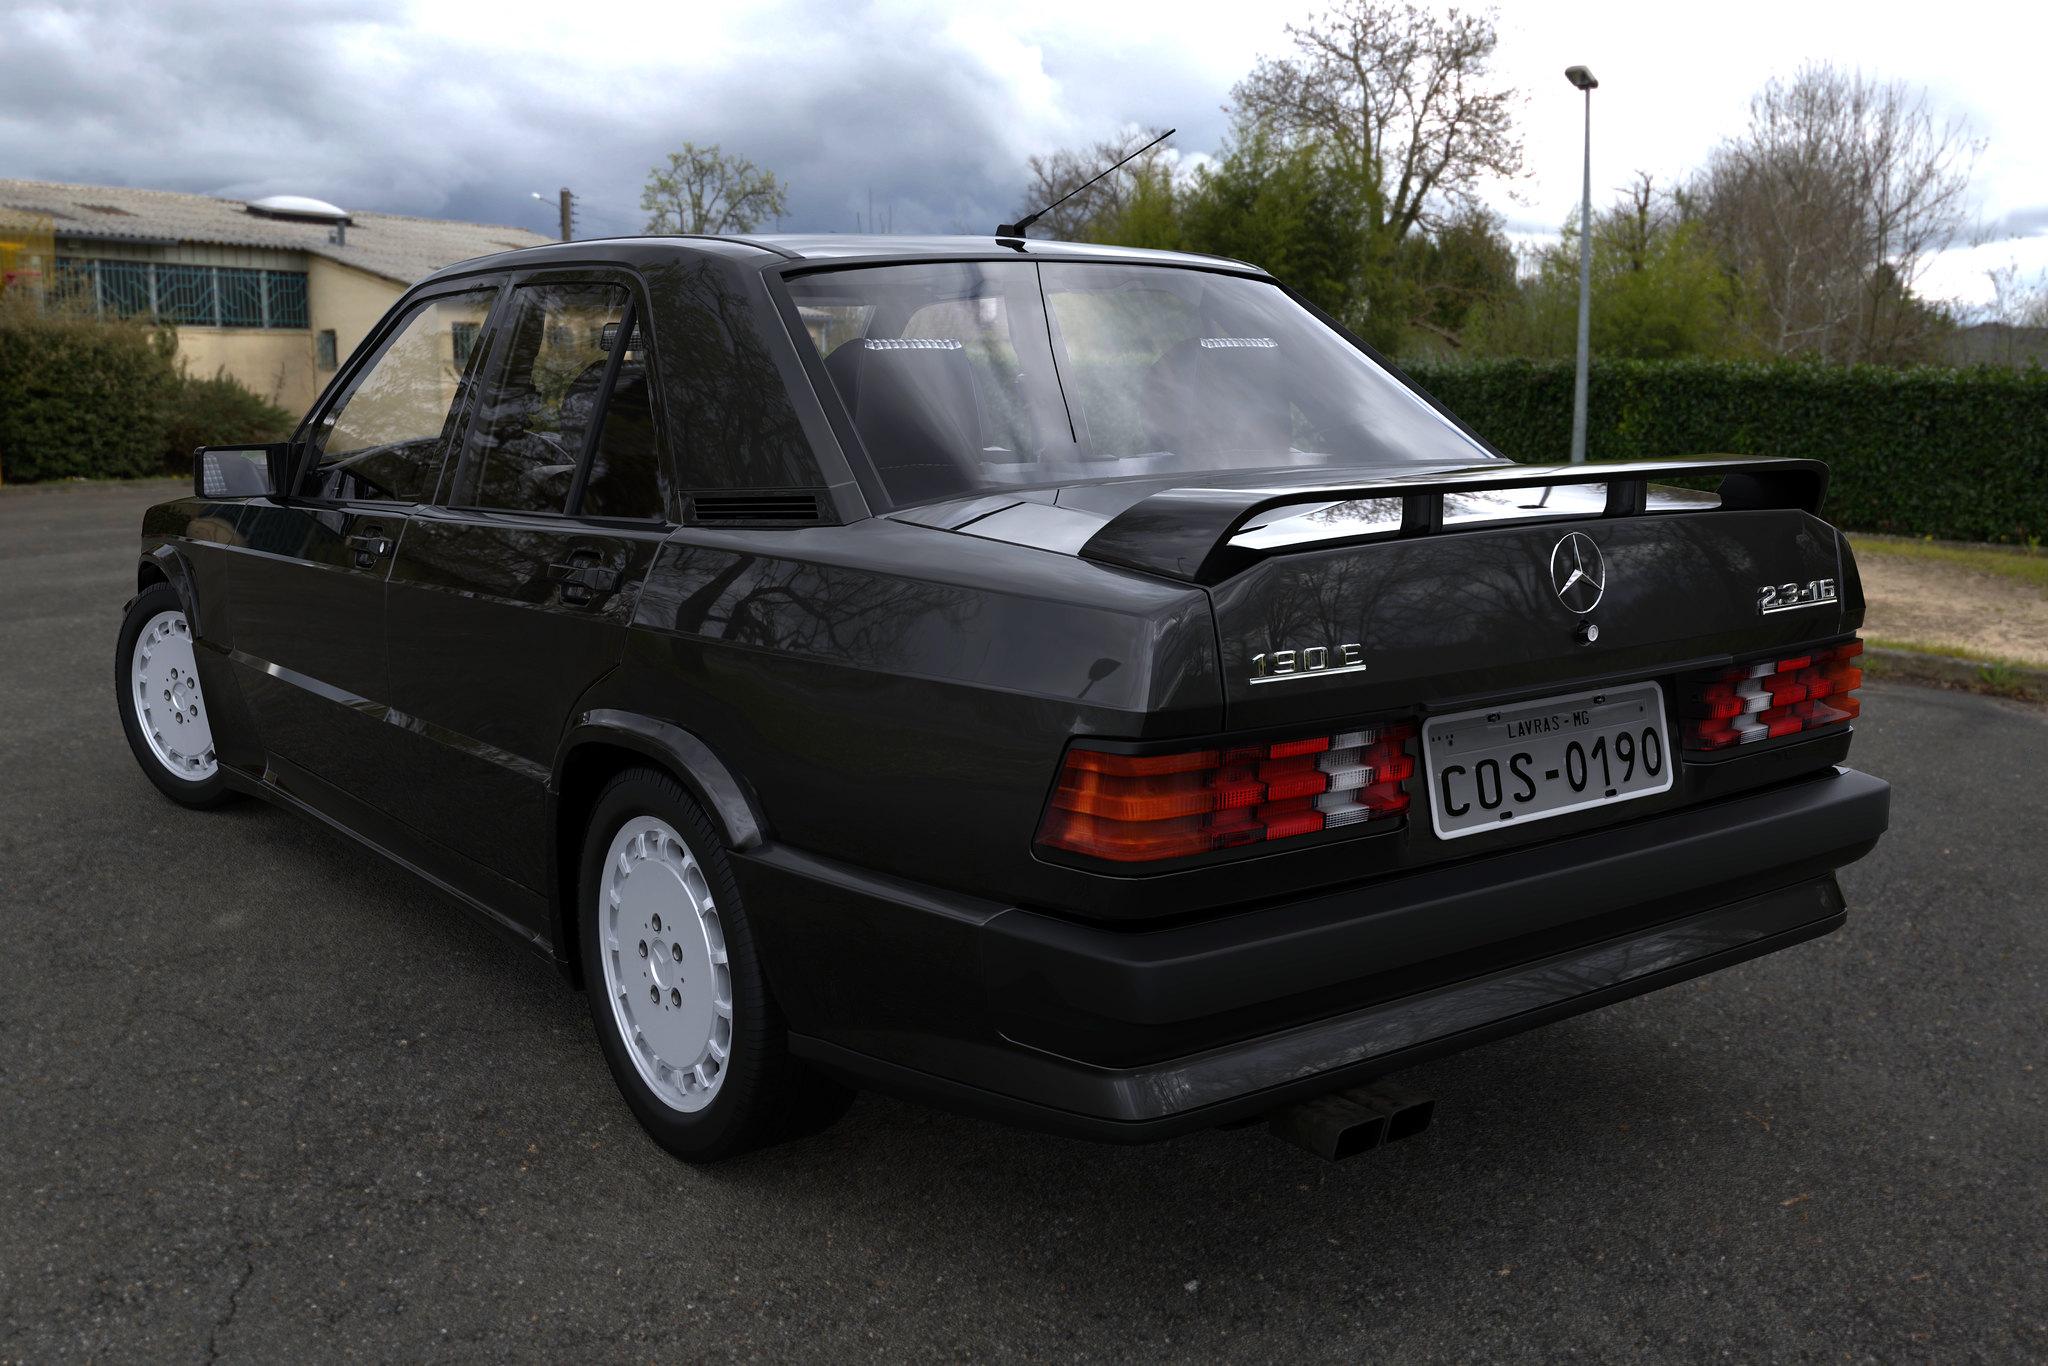 (W201): Modelo 3D - 190E 2.3-16 Cosworth 26887775491_3fc70c4dfc_k